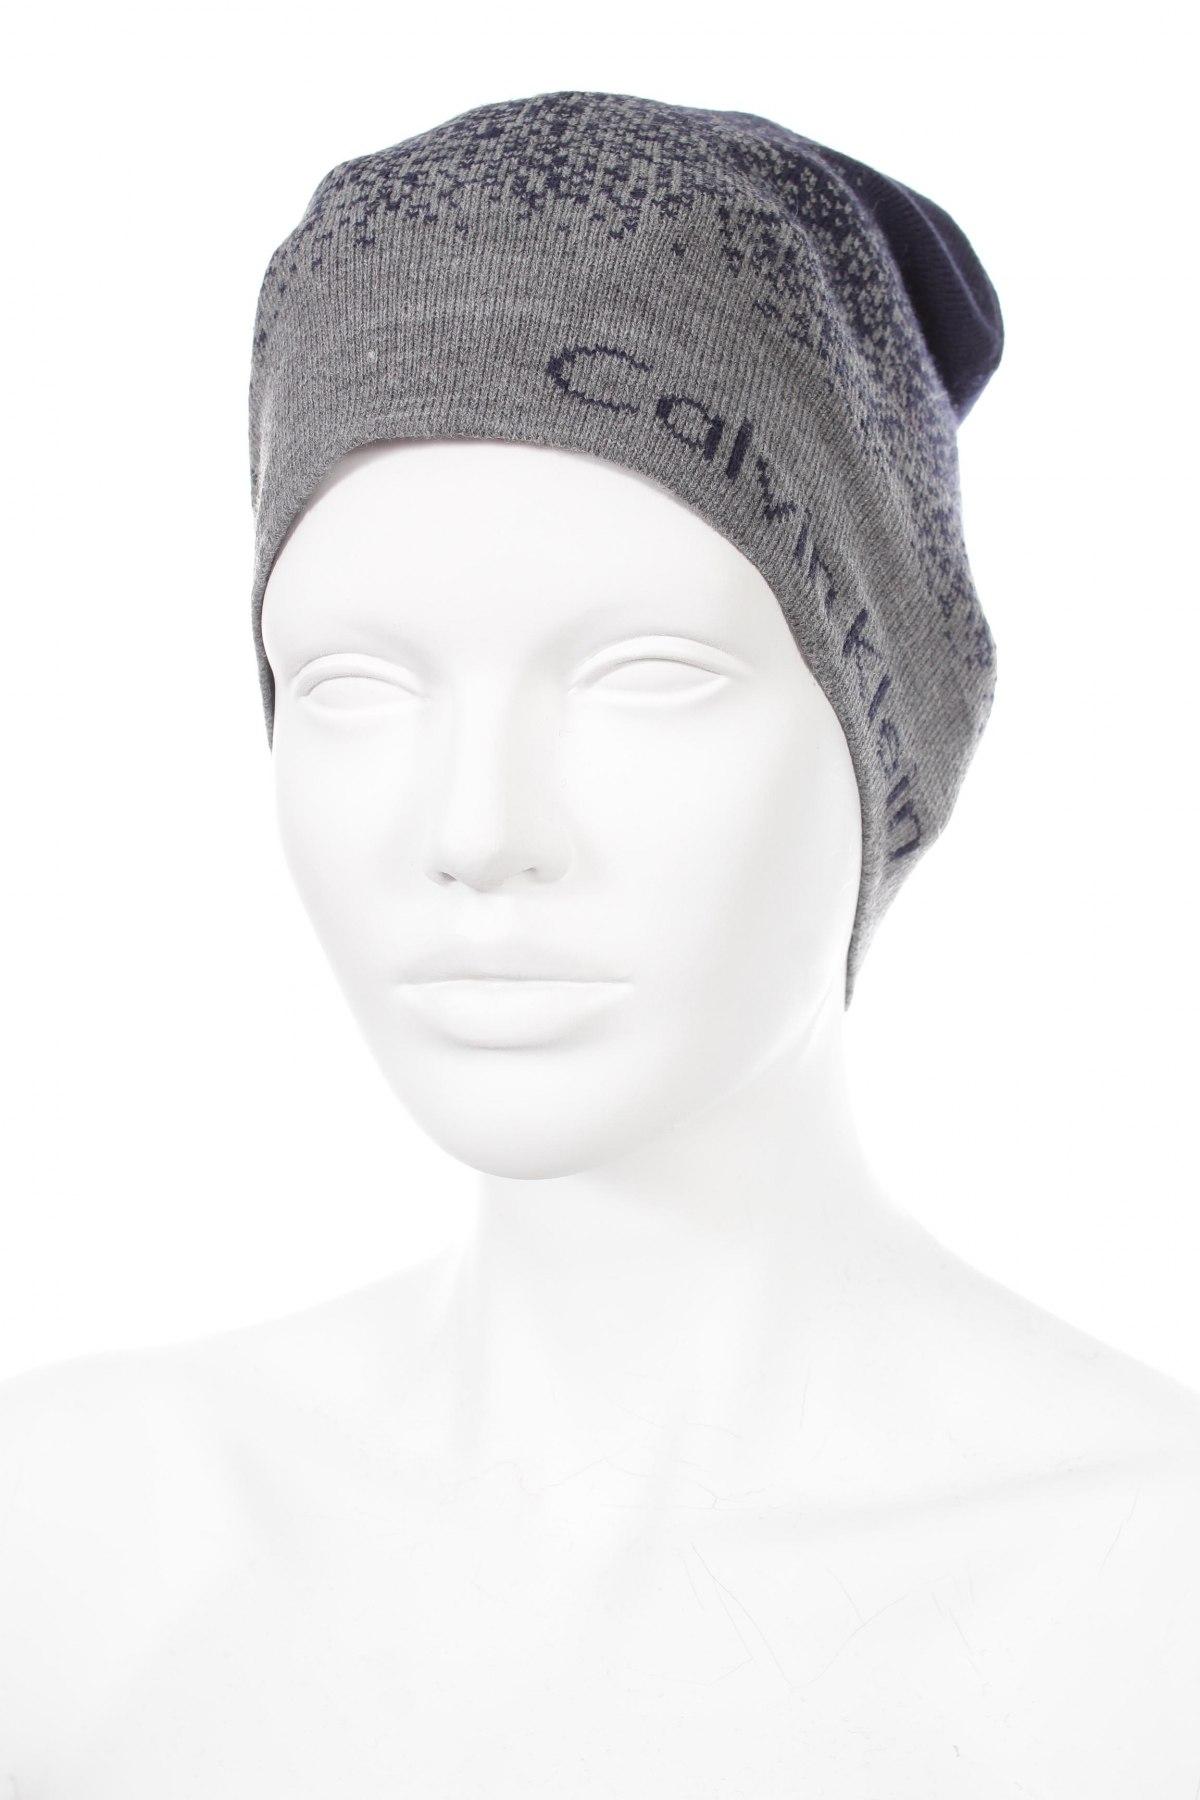 b0adb08bcf Sapka Calvin Klein - kedvező áron Remixben - #101554748